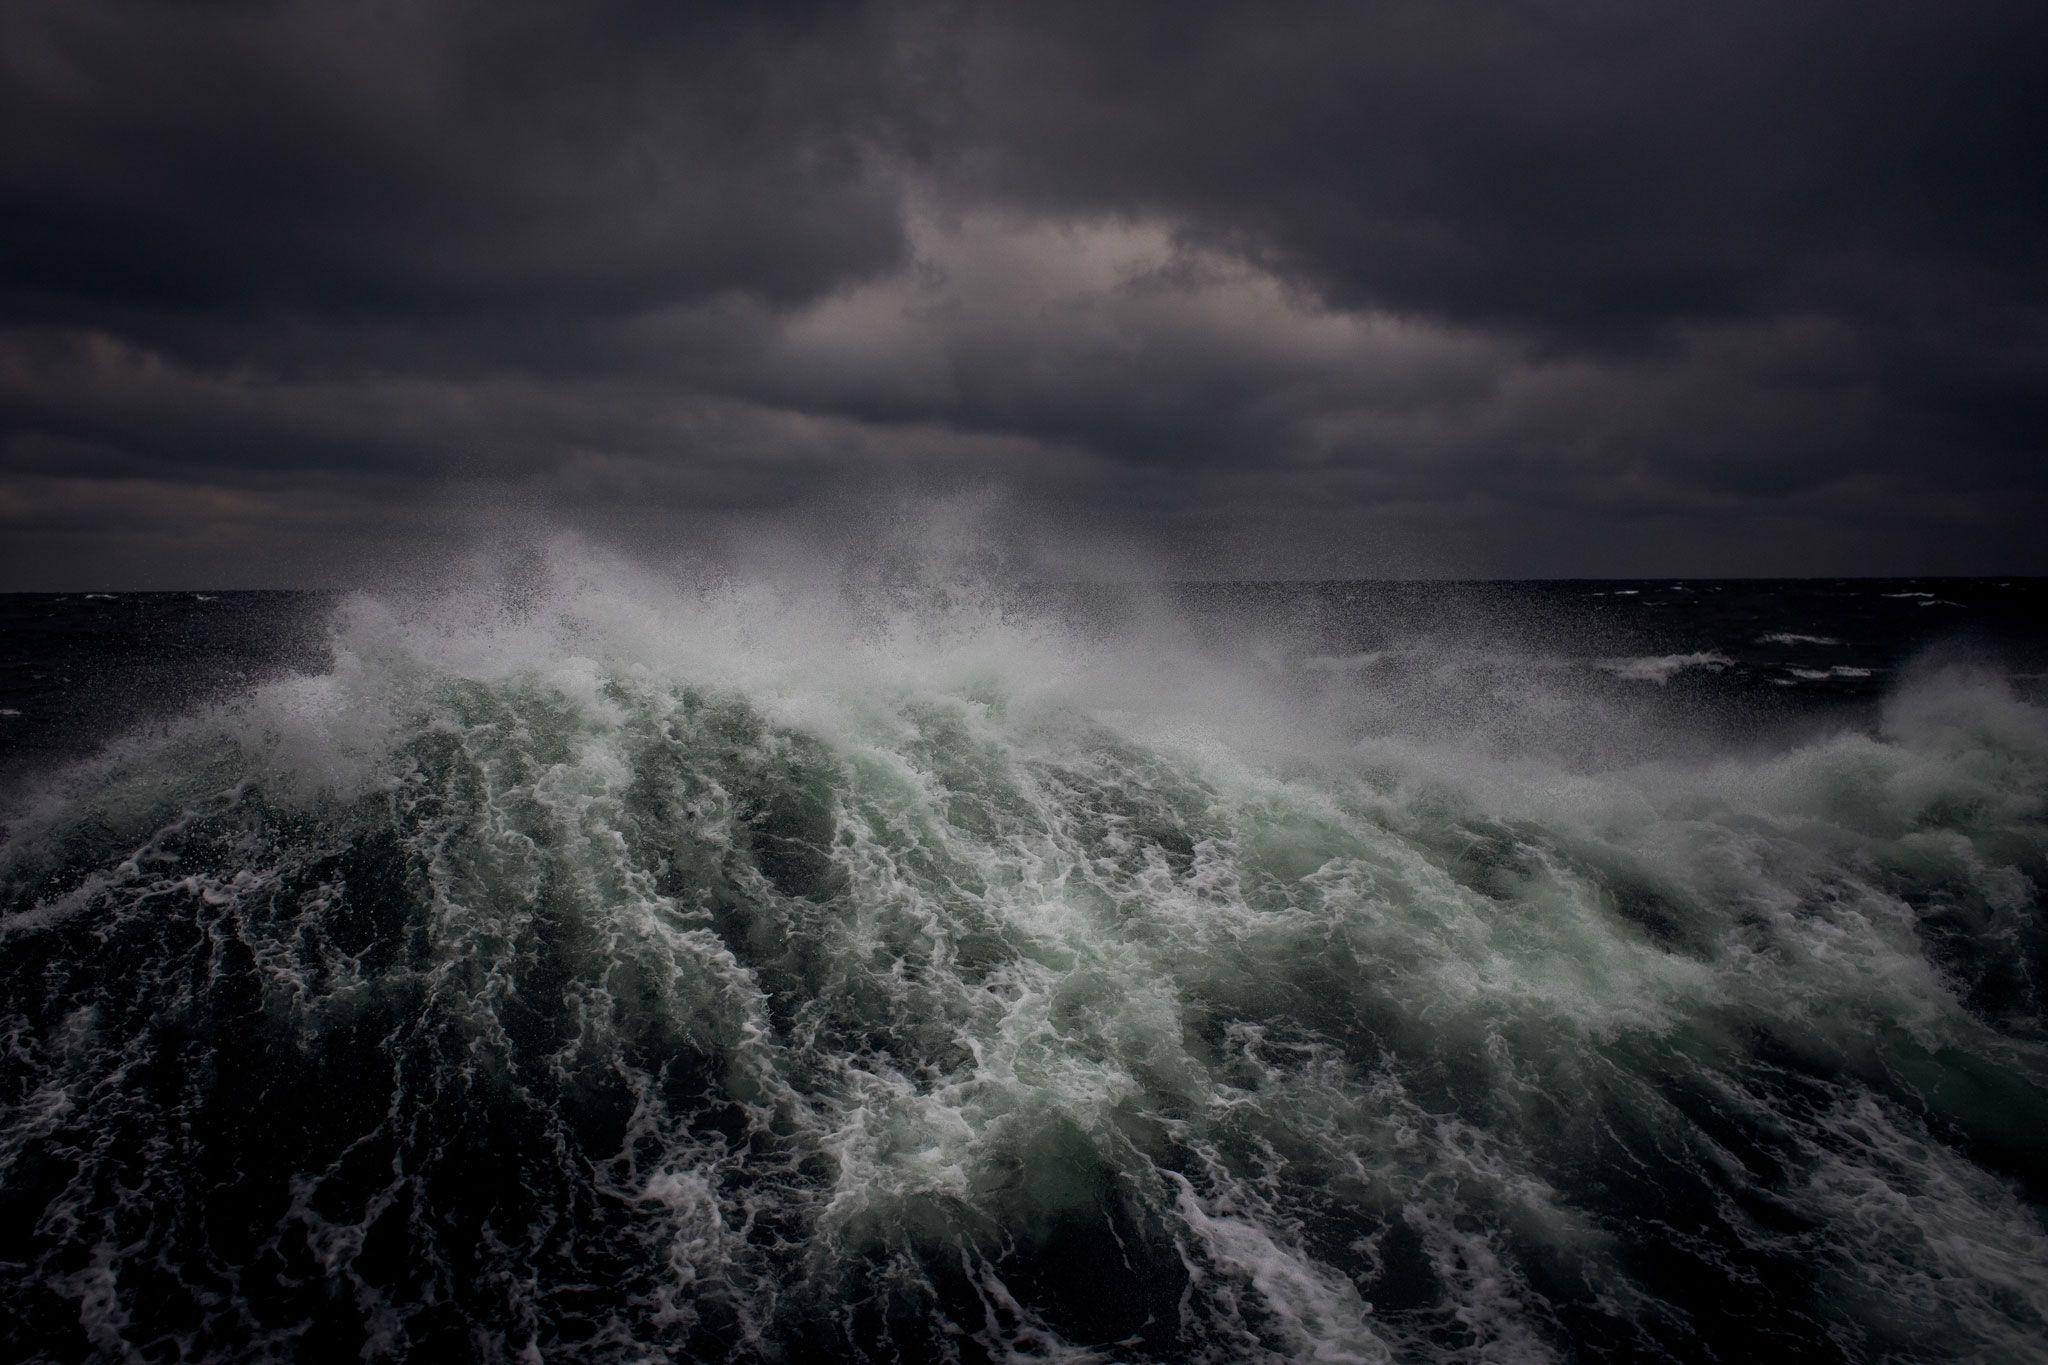 Эпический шторм библейских масштабов фото солнечной